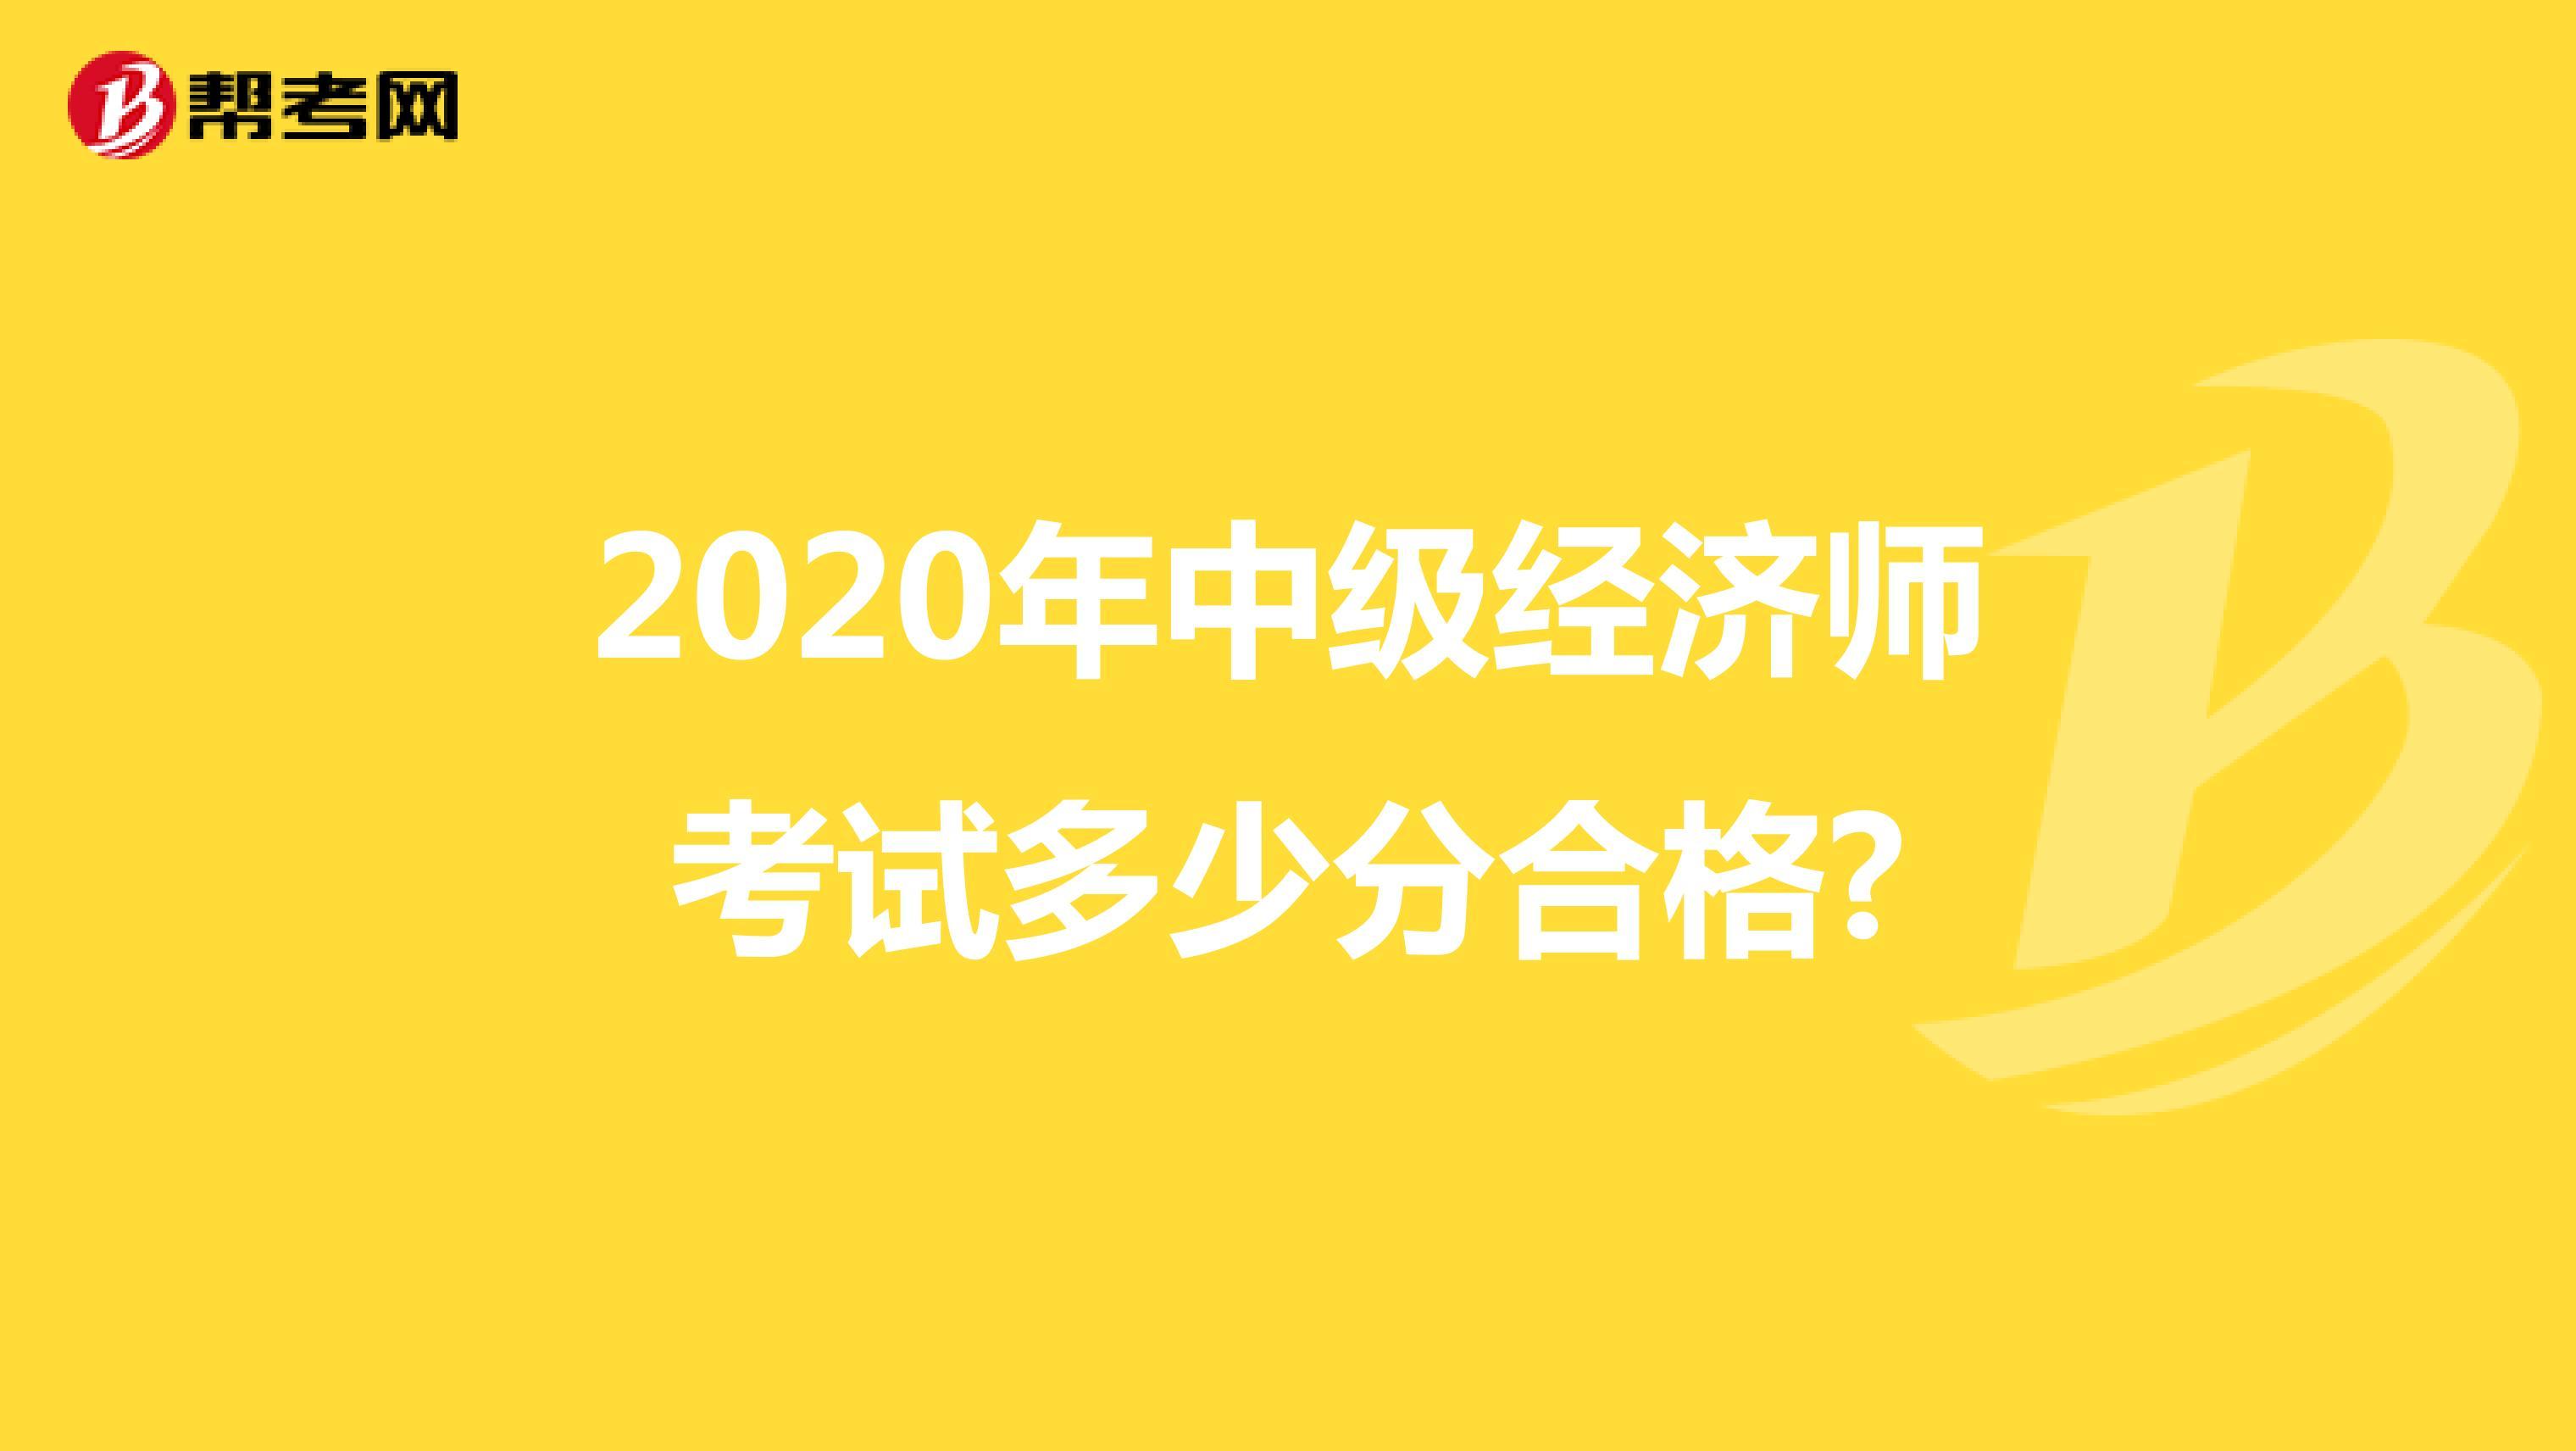 2020年(威廉希尔注册)在线经济师考试多少分合格?